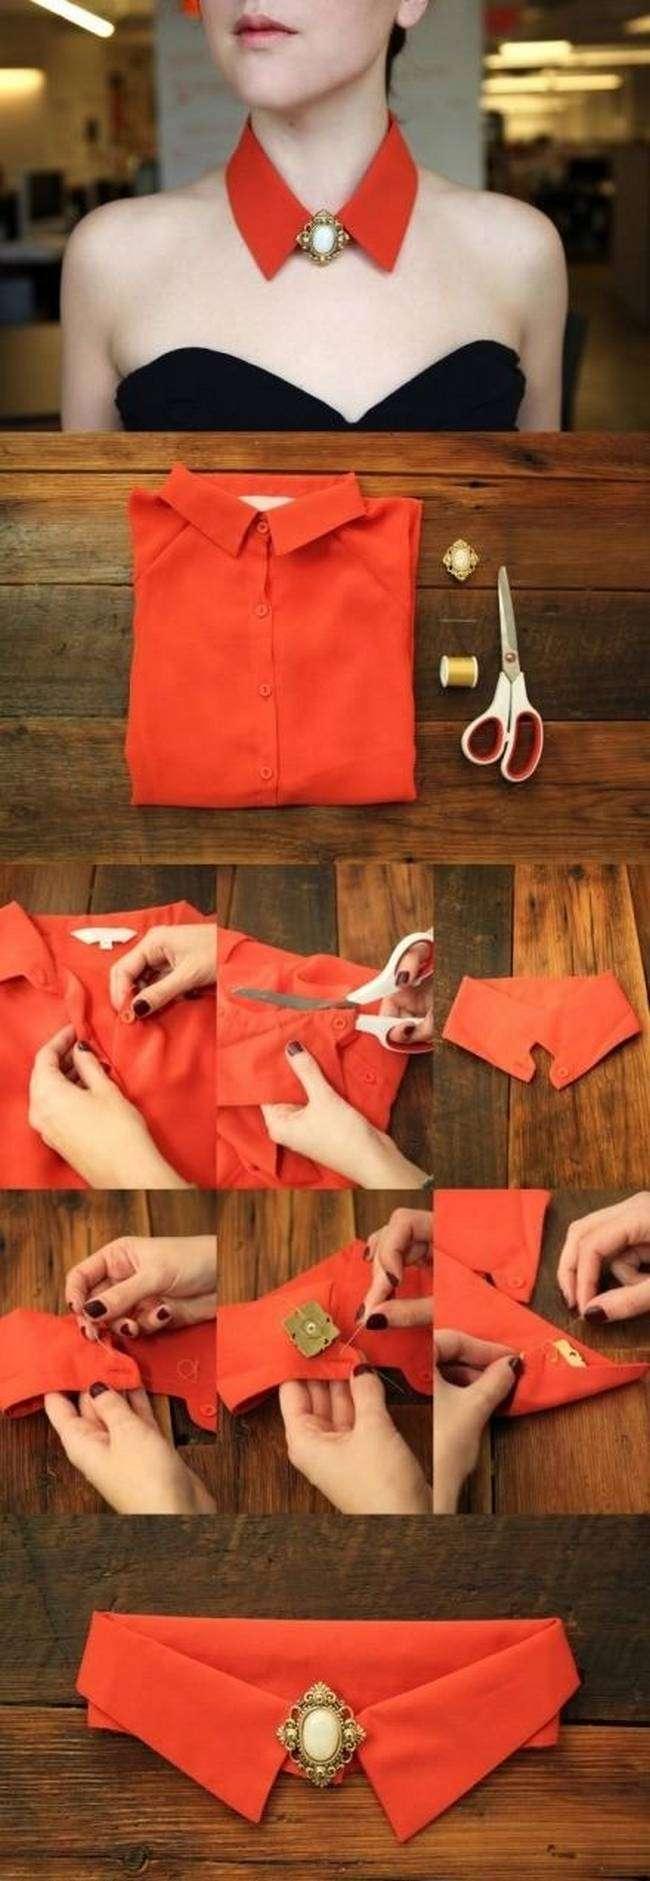 Как сделать топ своими руками в домашних условиях - urbastion